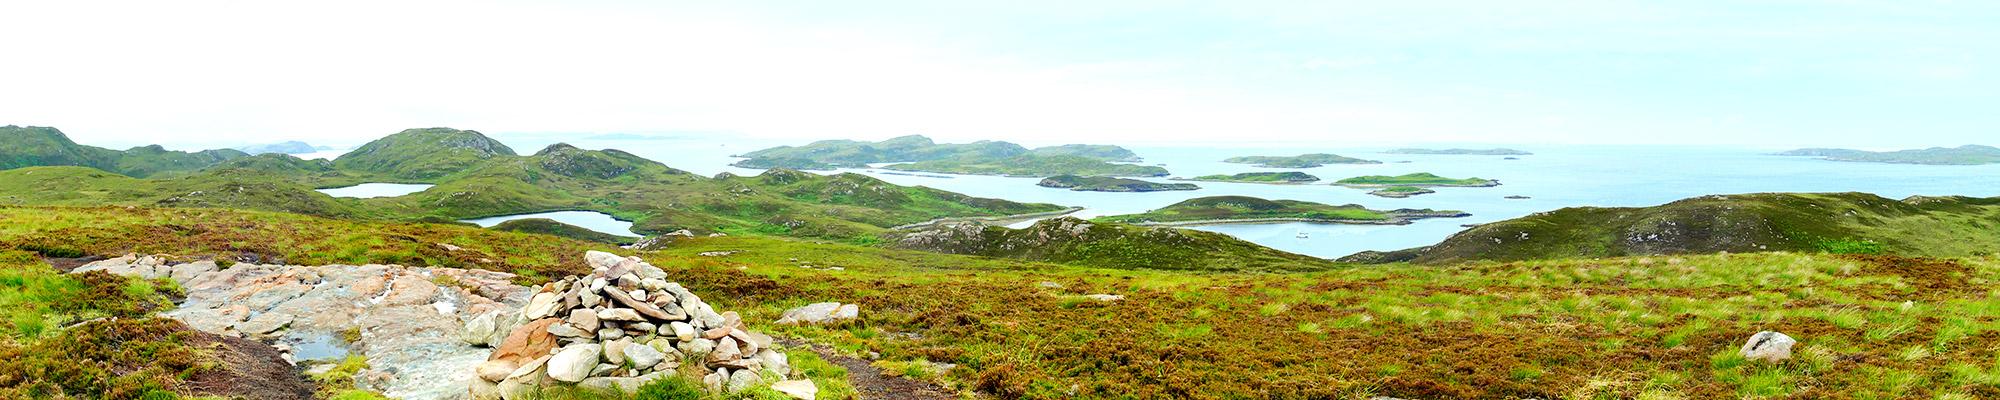 Schottland-Inseln